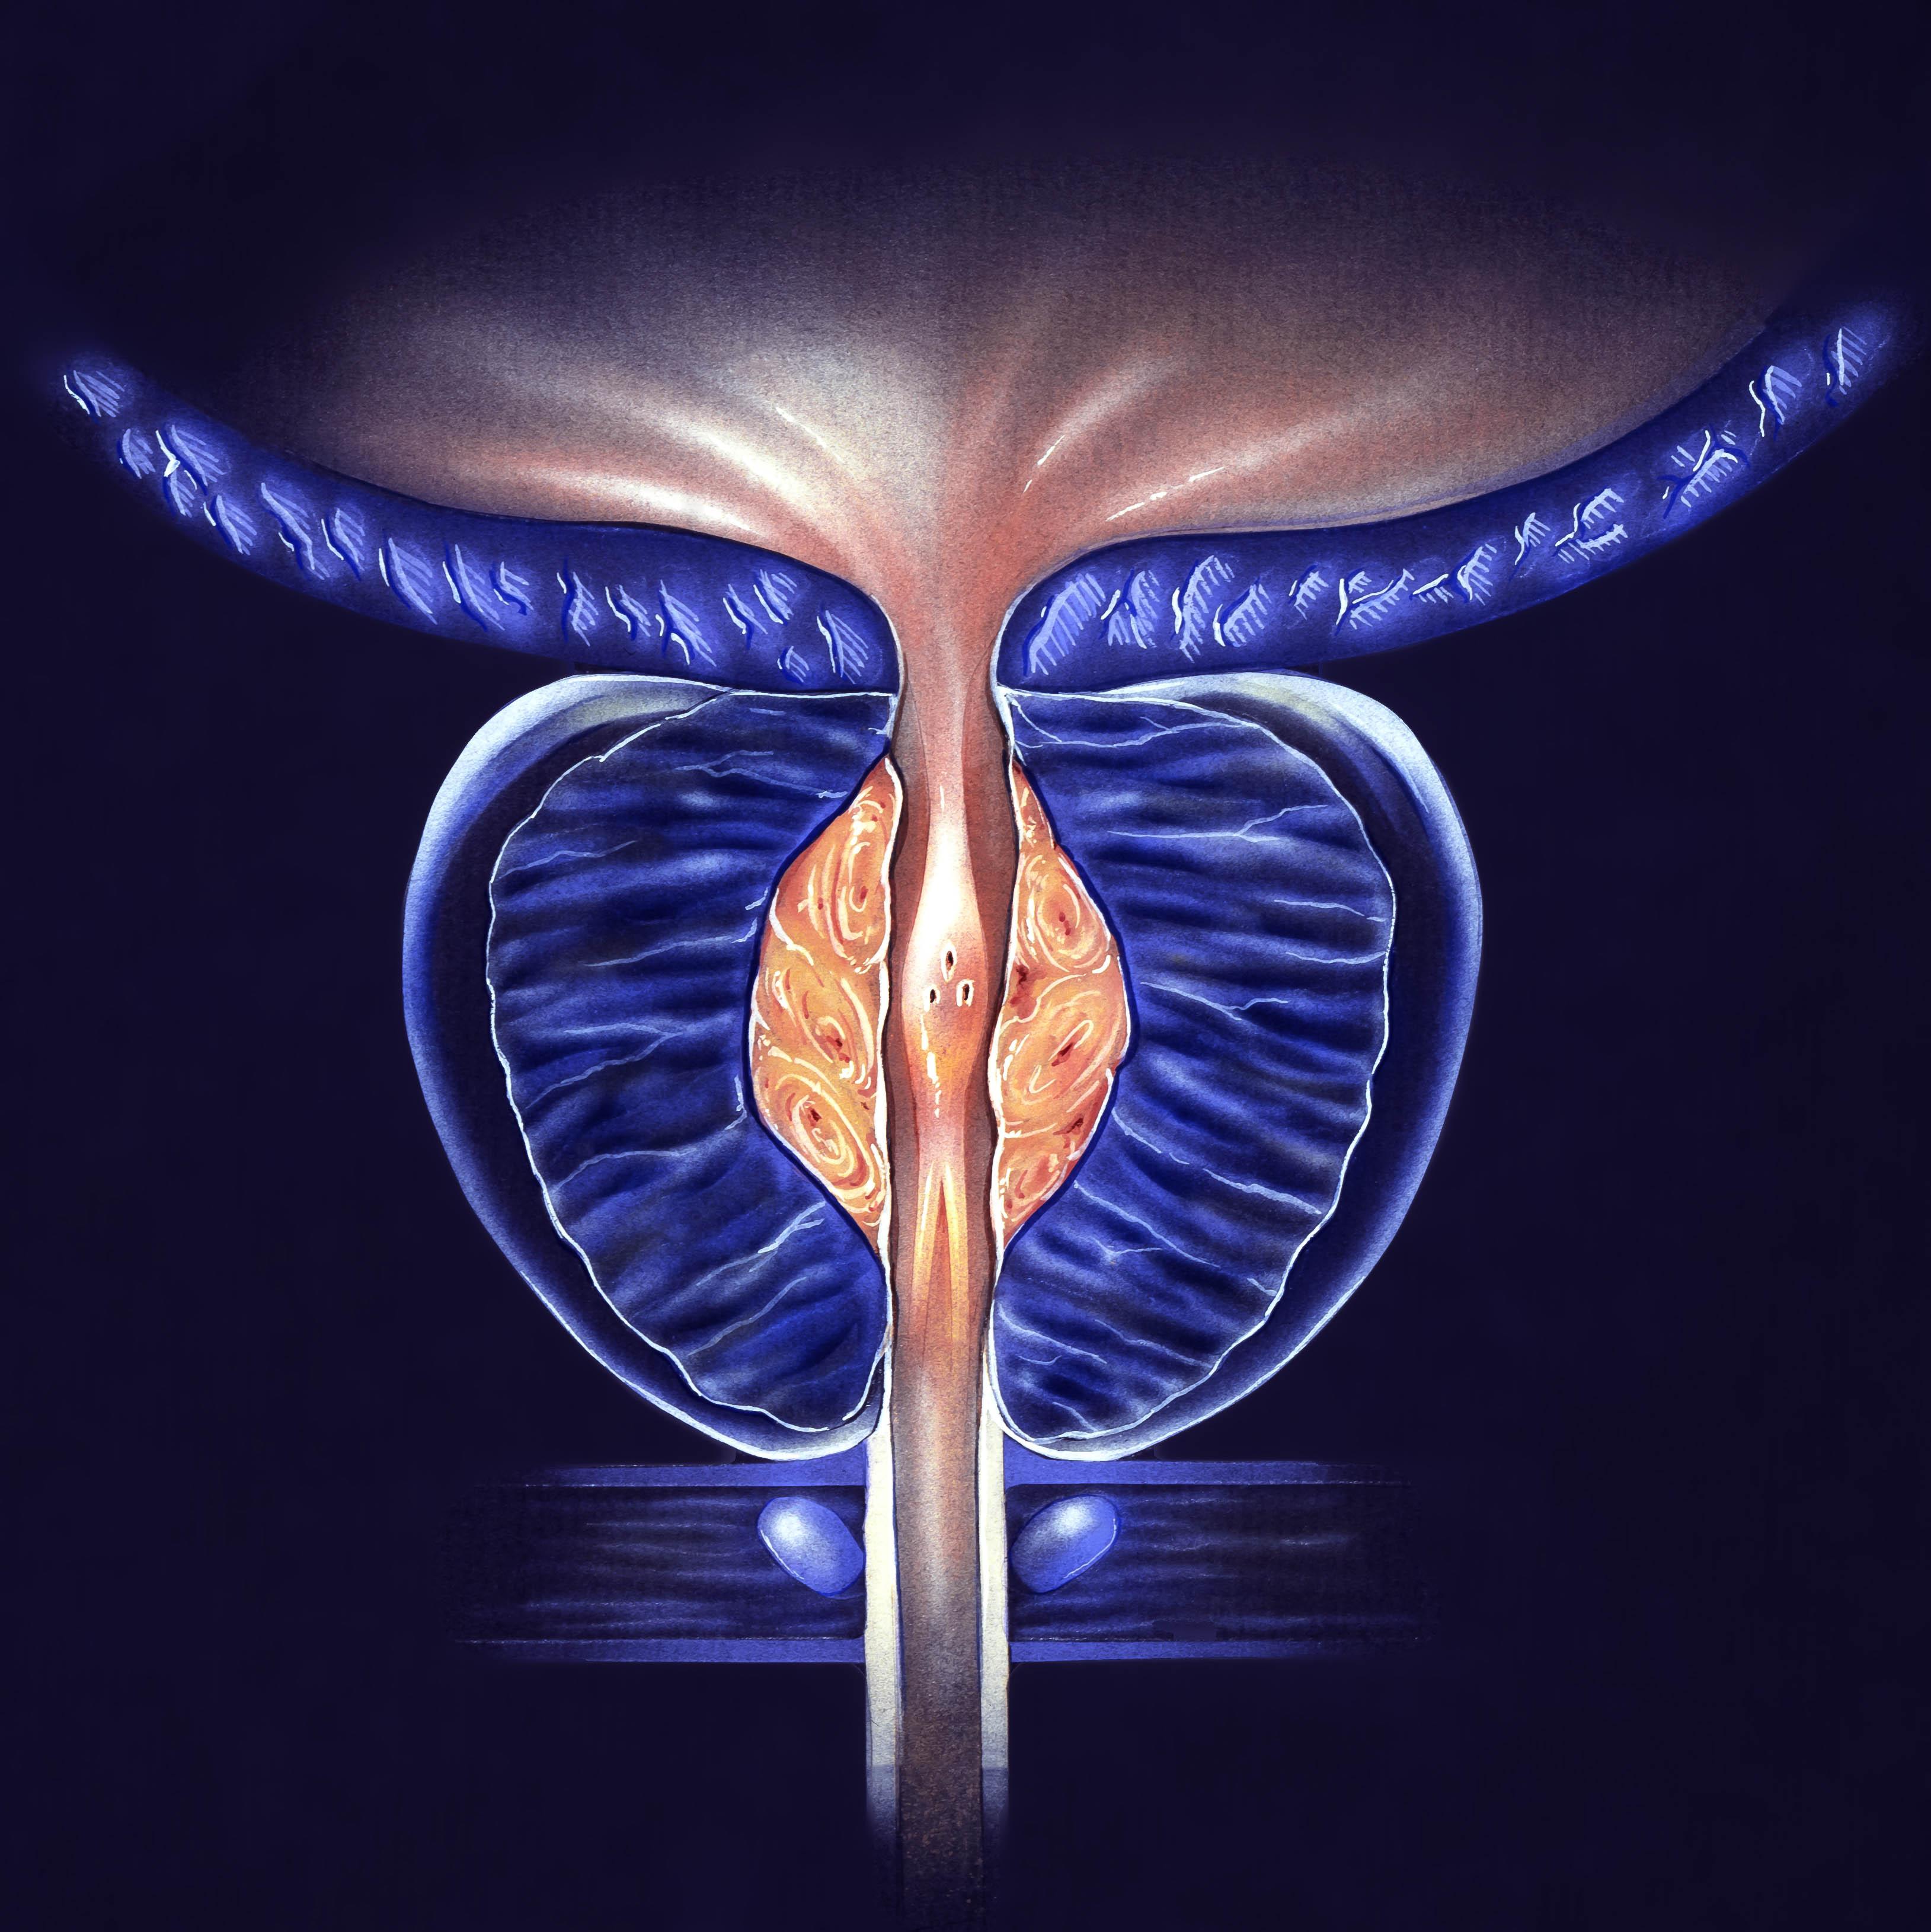 Хронический конгестивный бактериальный простатит простатит приводит к раку